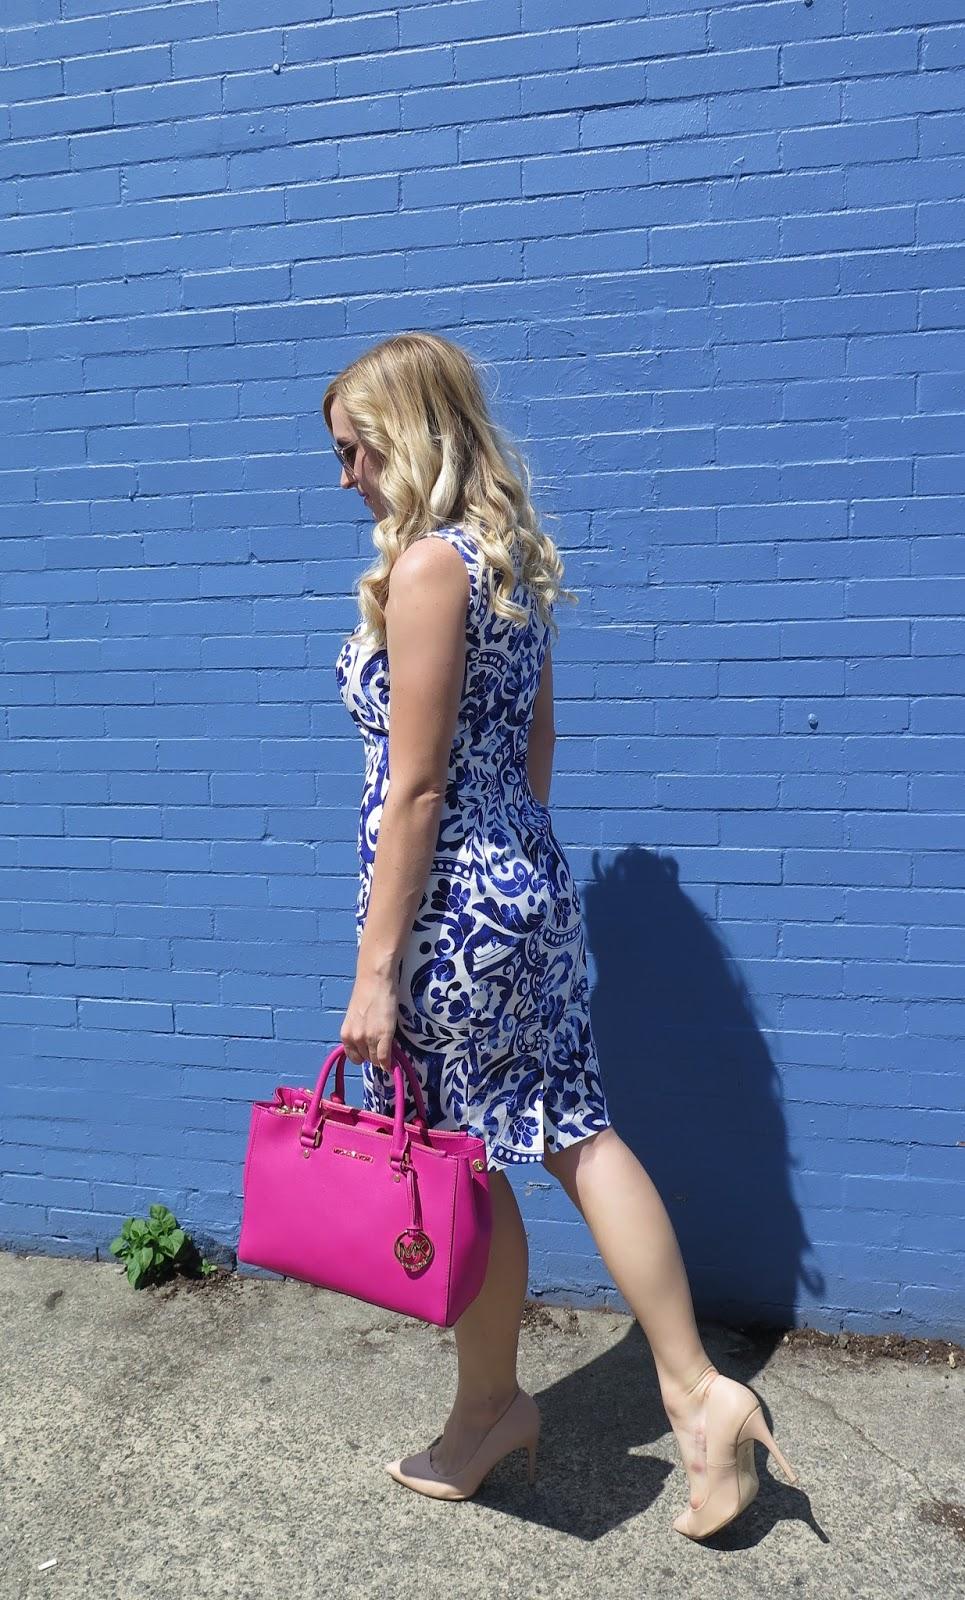 pink-michael-kors-handbag